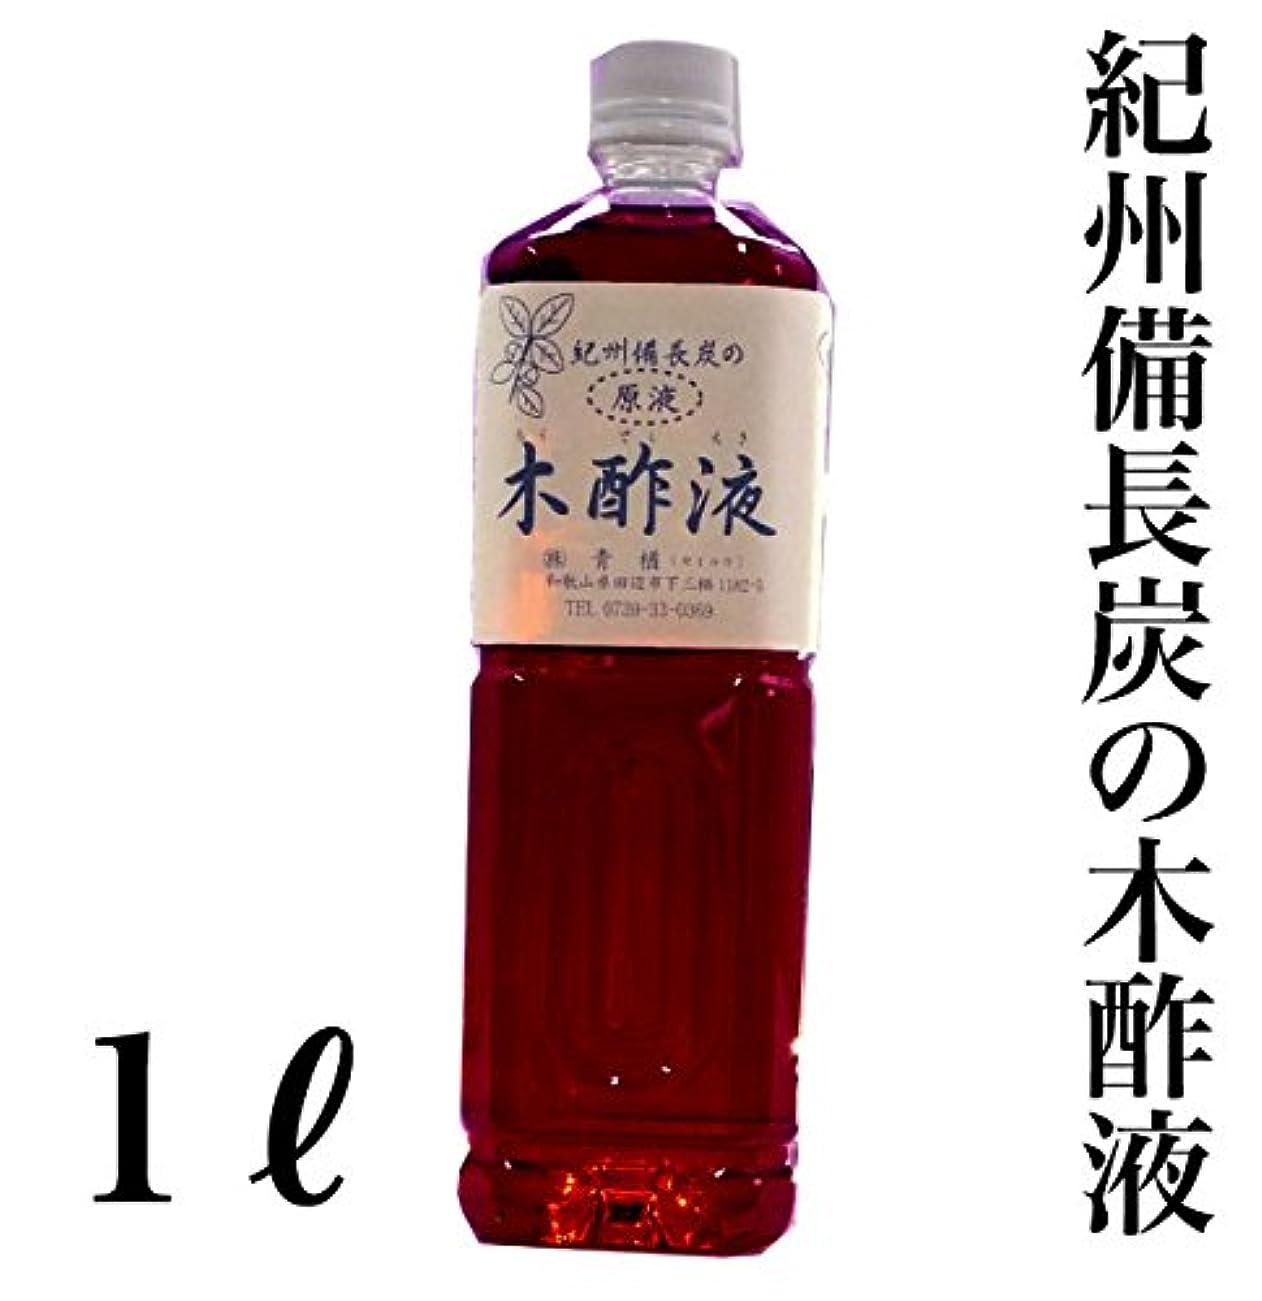 紀州備長炭 木酢液 入浴 お風呂用 原液 本場 (1L)